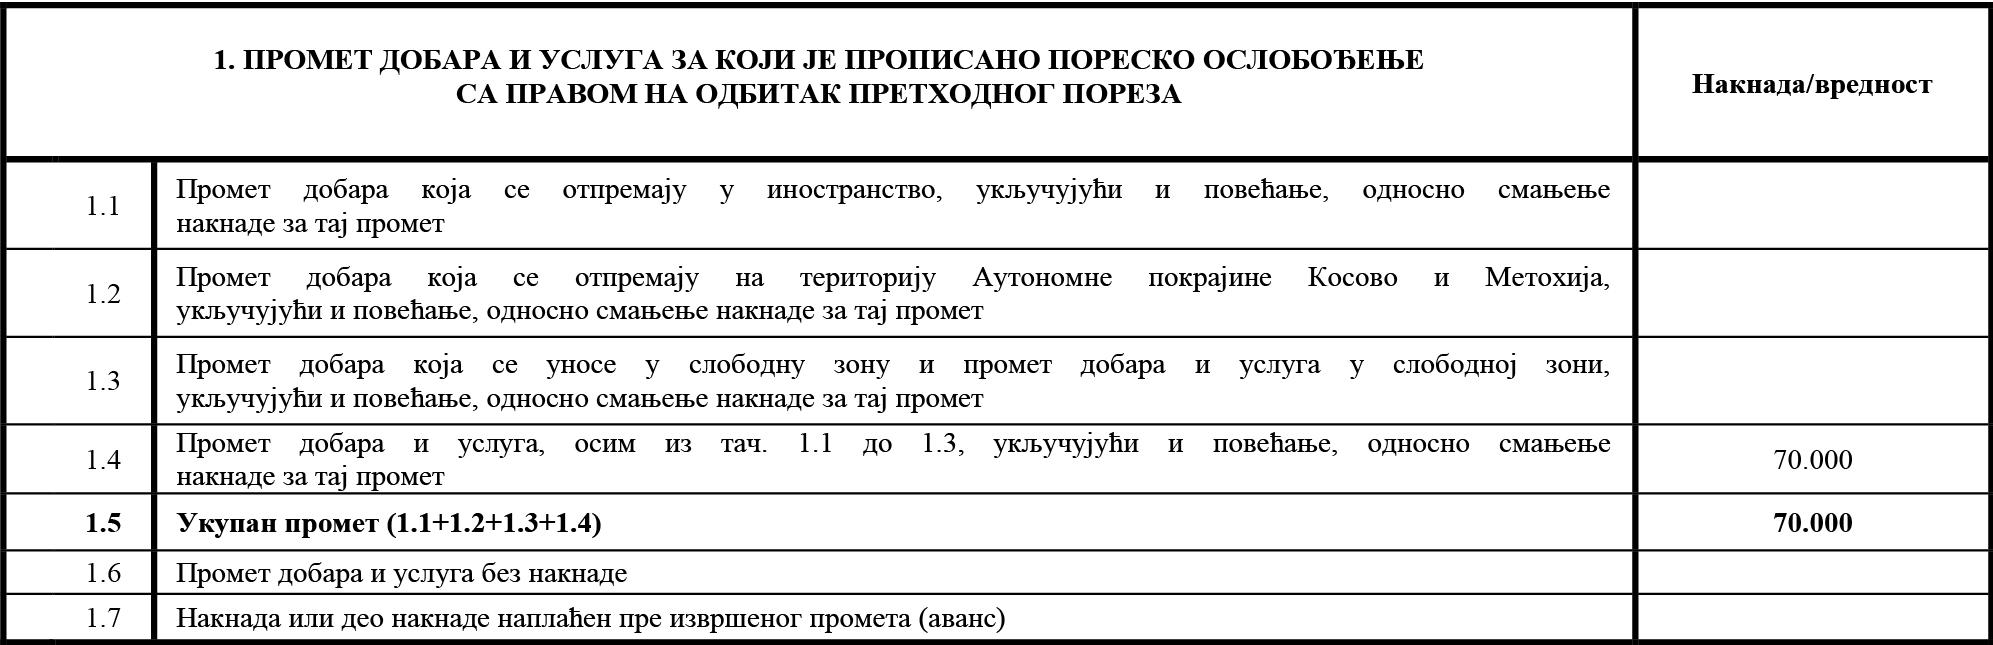 uputstvo PU obrazac POPDV primer 16